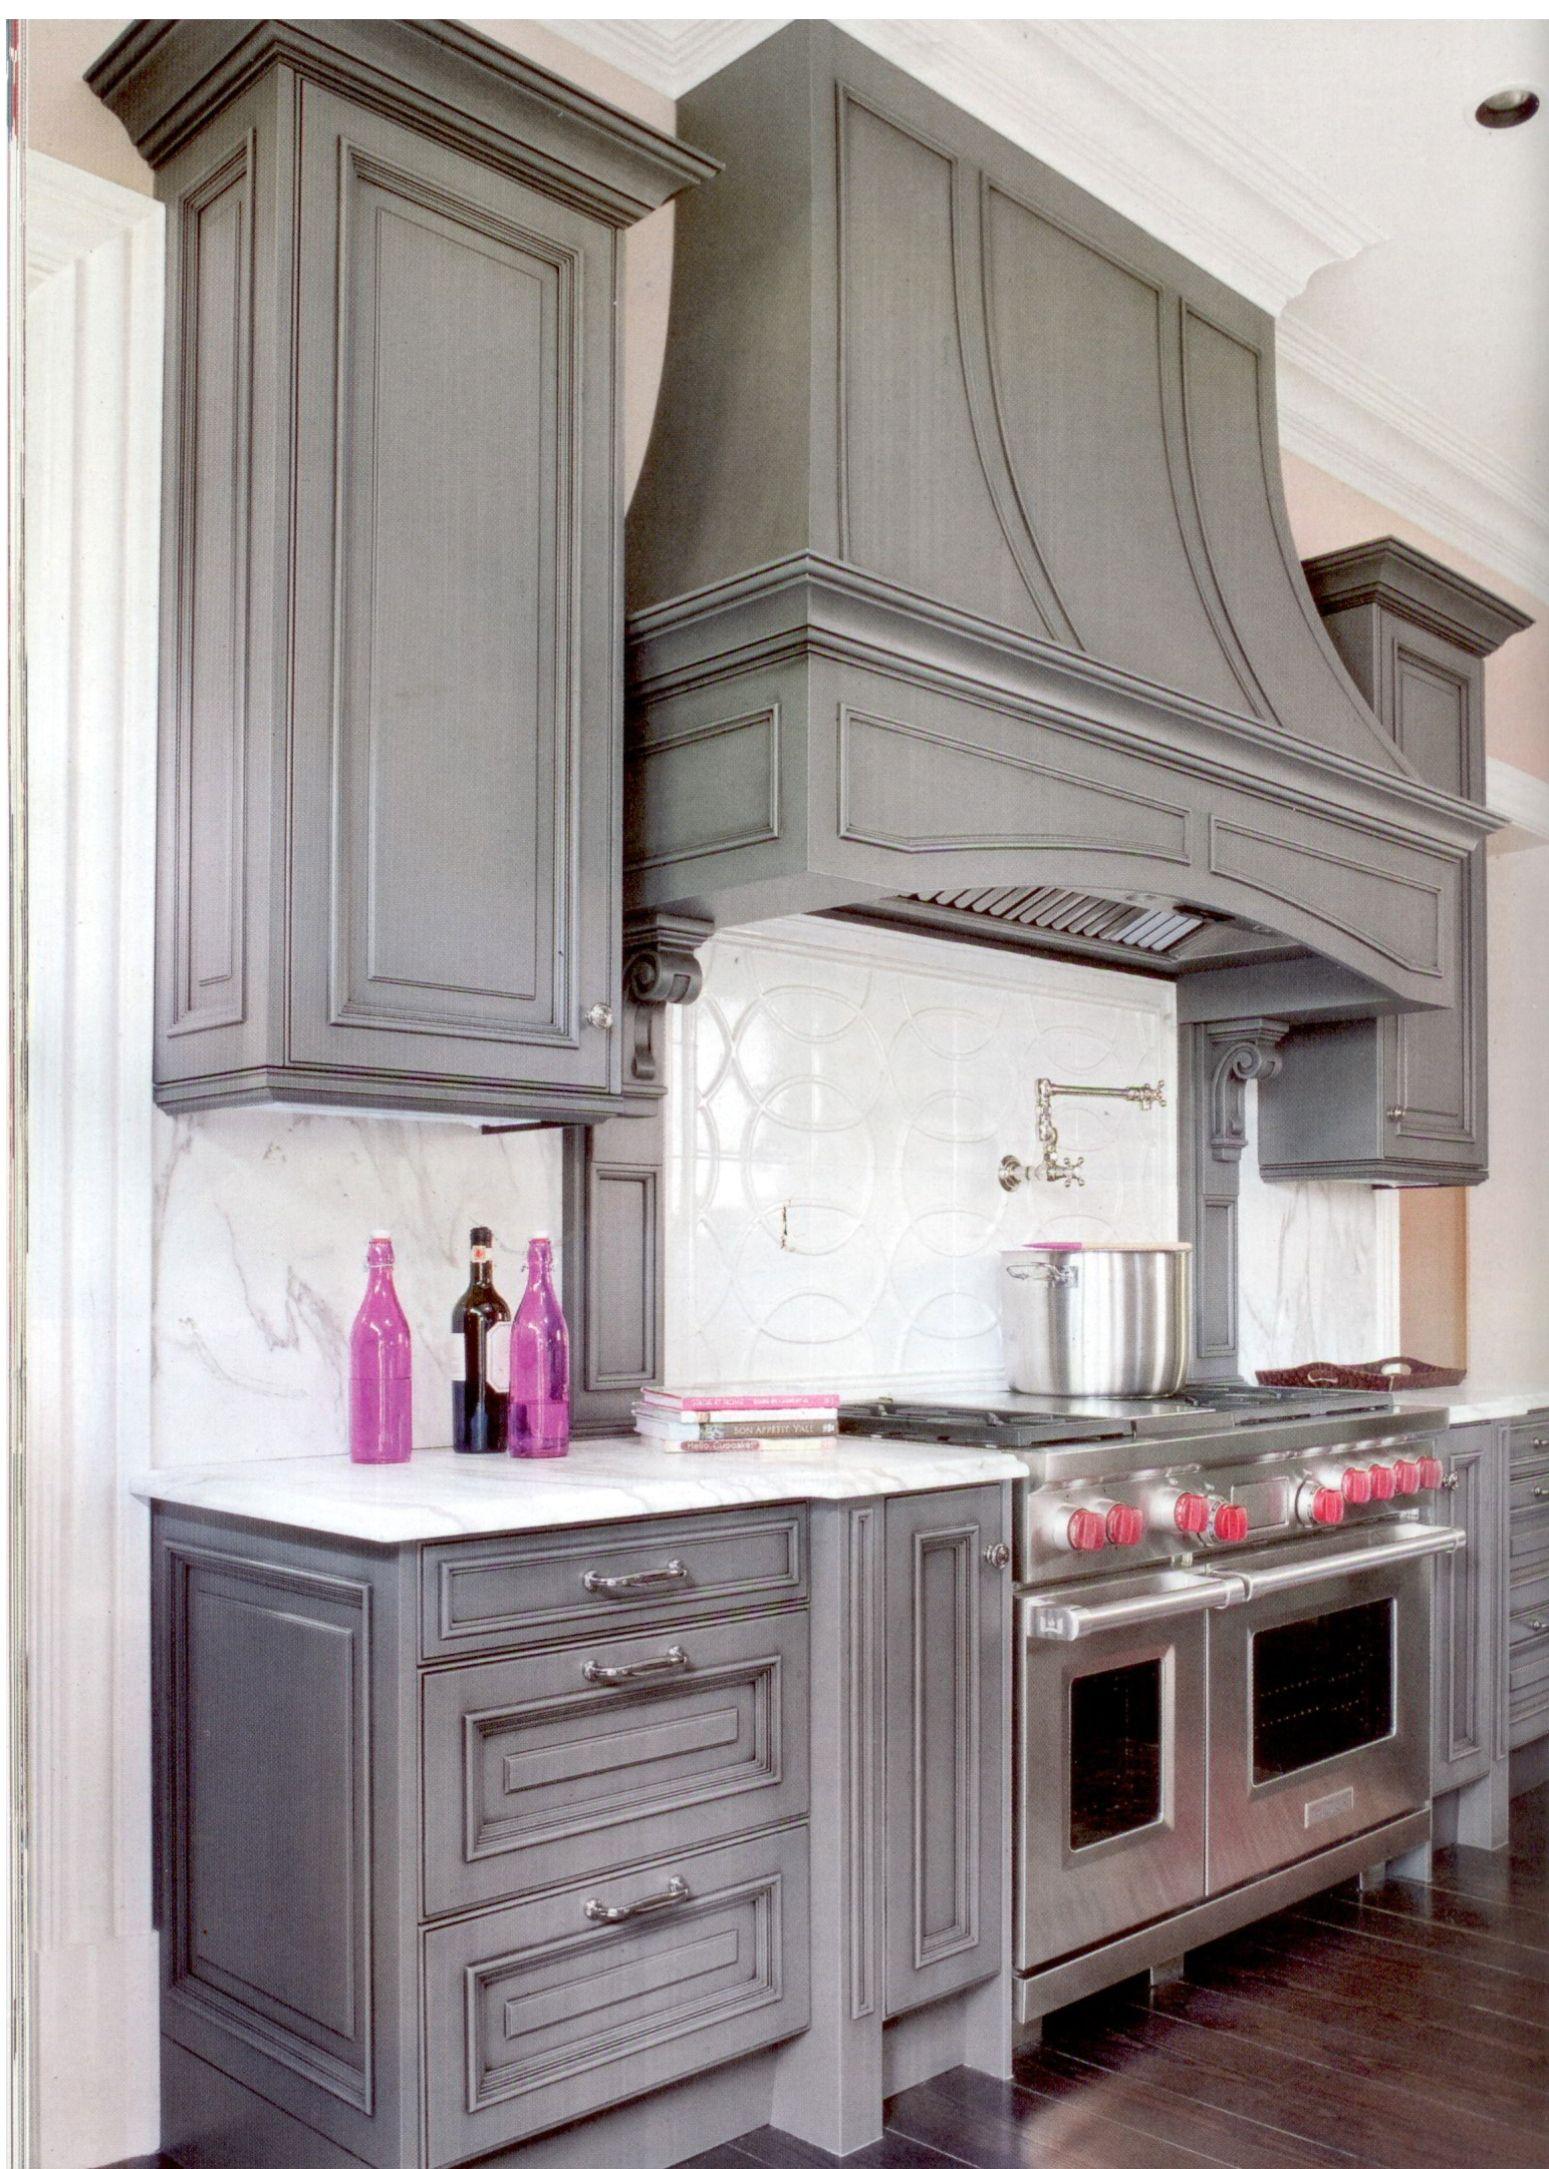 Best Pin By Jen Swanlund On Basement Kitchen Ideas Grey 640 x 480